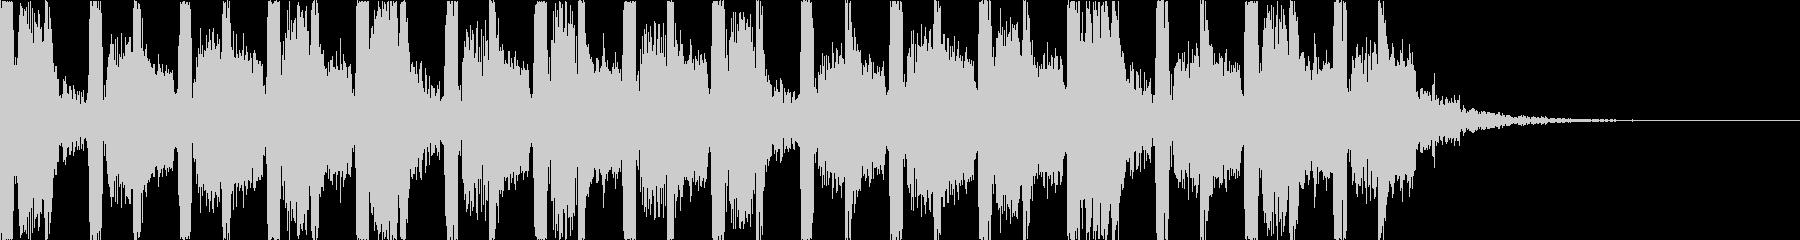 キャッチーでダークなEDM4の未再生の波形